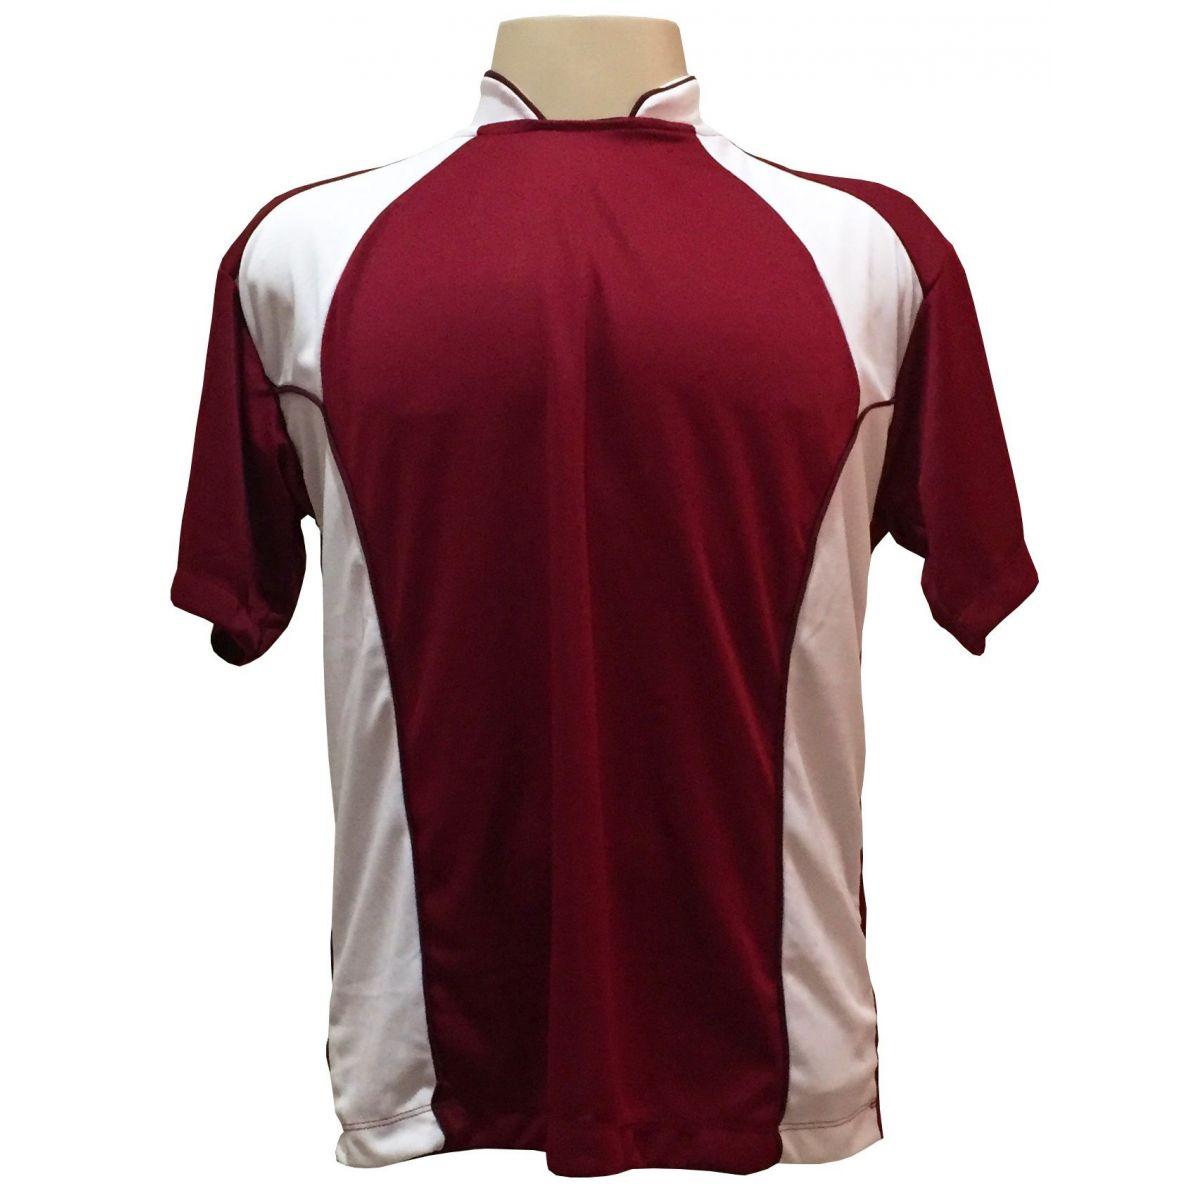 Uniforme Esportivo com 14 Camisas modelo Suécia Vinho/Branco + 14 Calções modelo Madrid Branco